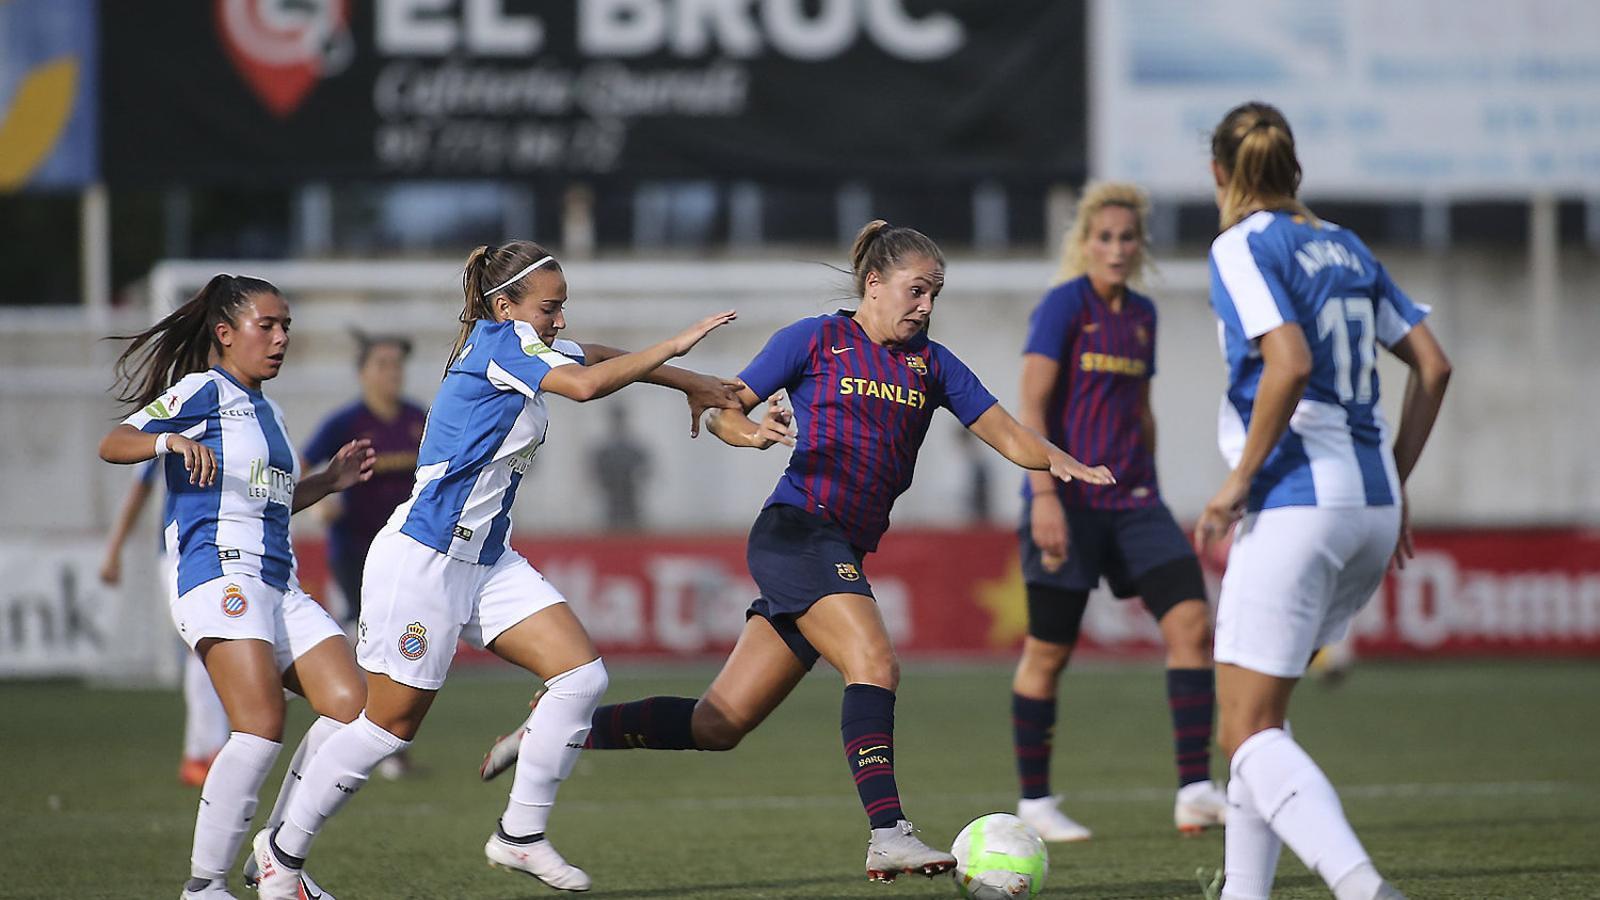 Maria Llompart i Carola Garcia intentant frenar la conducció de Lieke Martens a la final de la Copa Catalunya de l'agost.